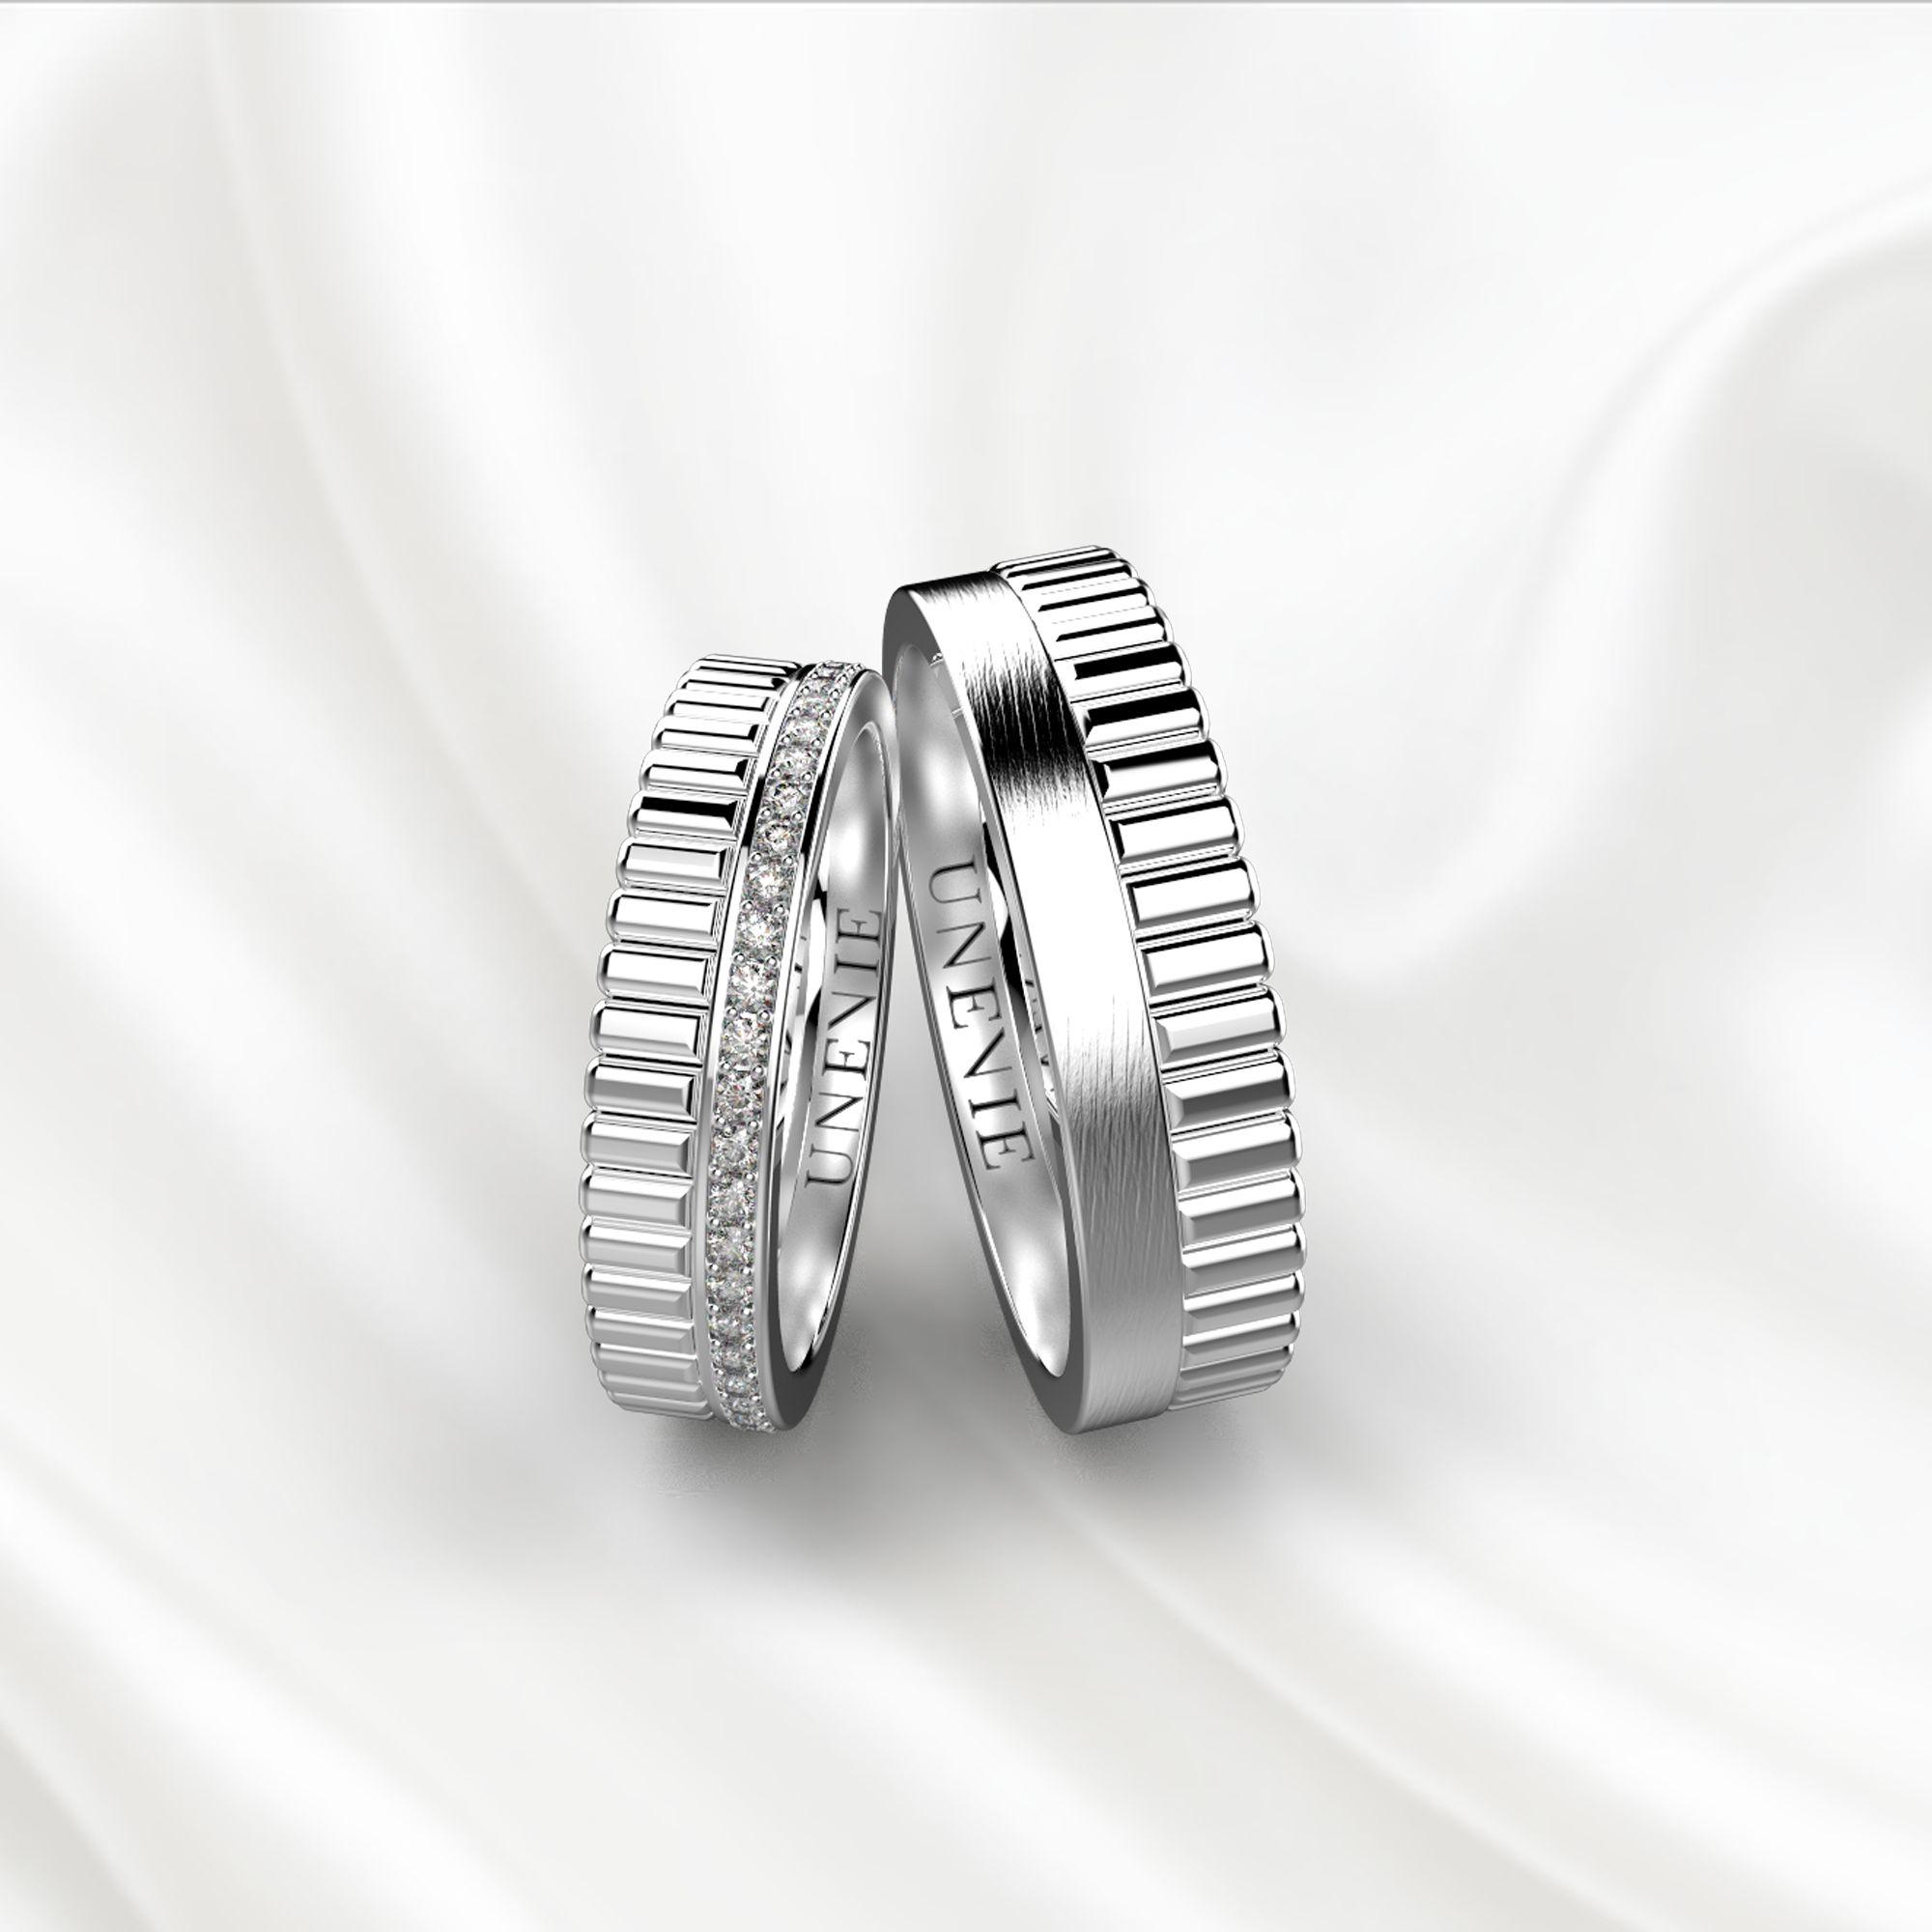 NV24 Обручальные кольца из белого золота с бриллиантами